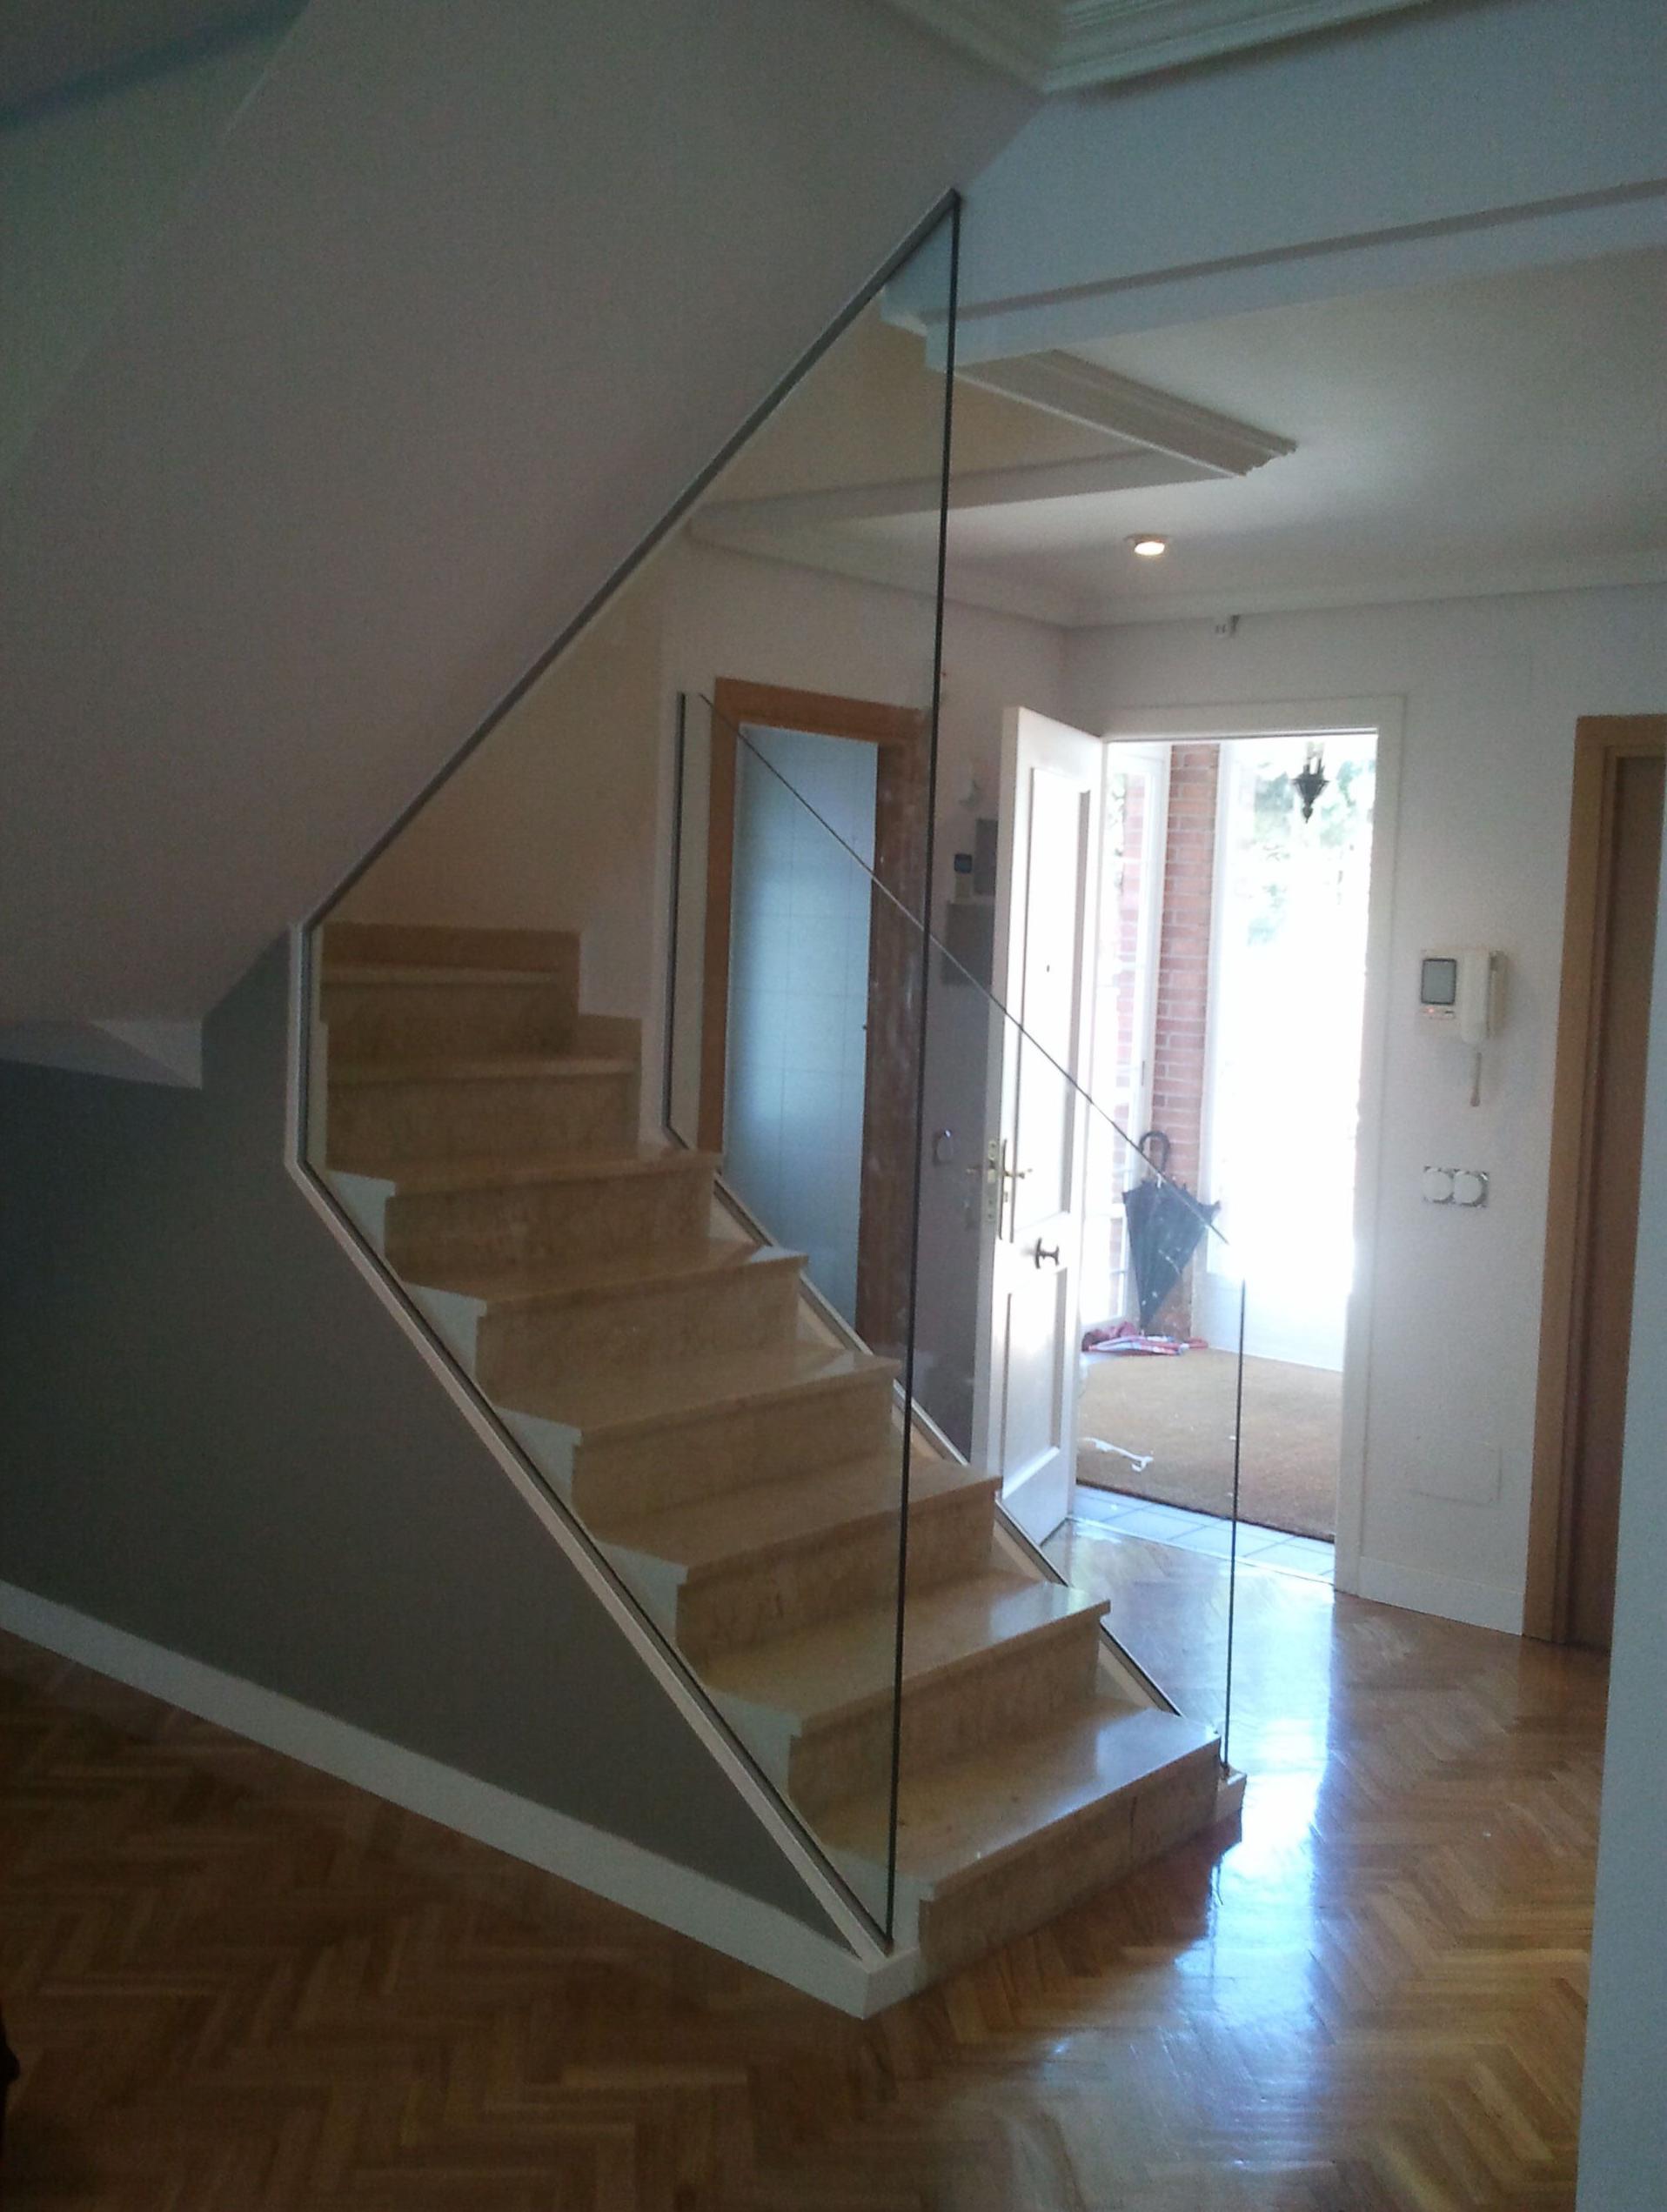 Escalera de cristal madrid vidrio a medida - Barandilla cristal escalera ...